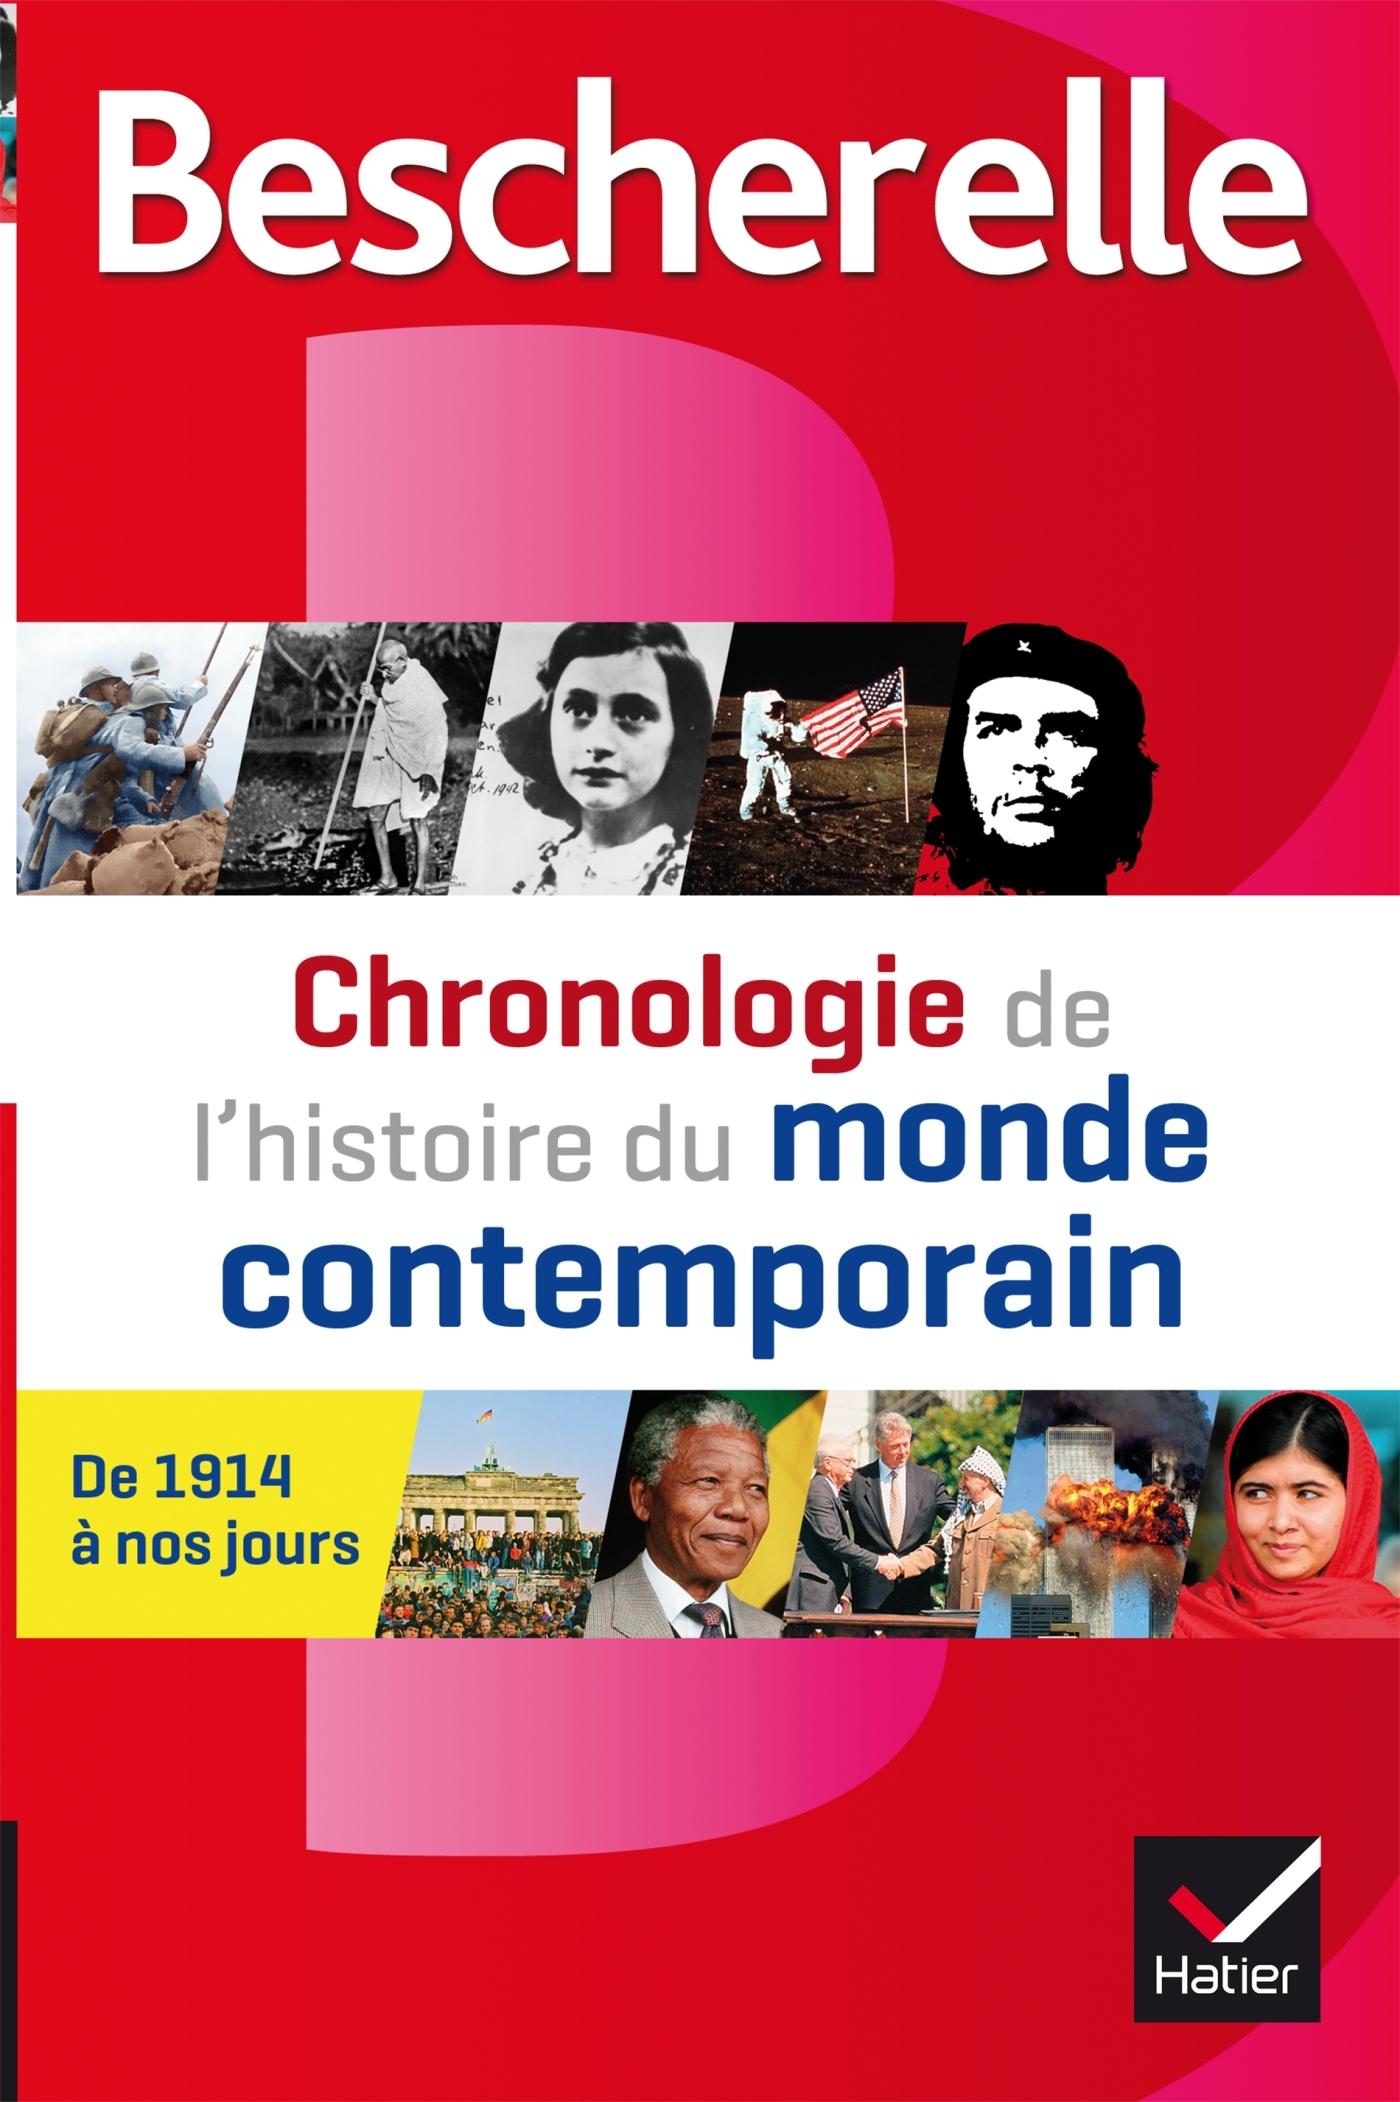 BESCHERELLE CHRONOLOGIE DE L'HISTOIRE DU MONDE CONTEMPORAIN